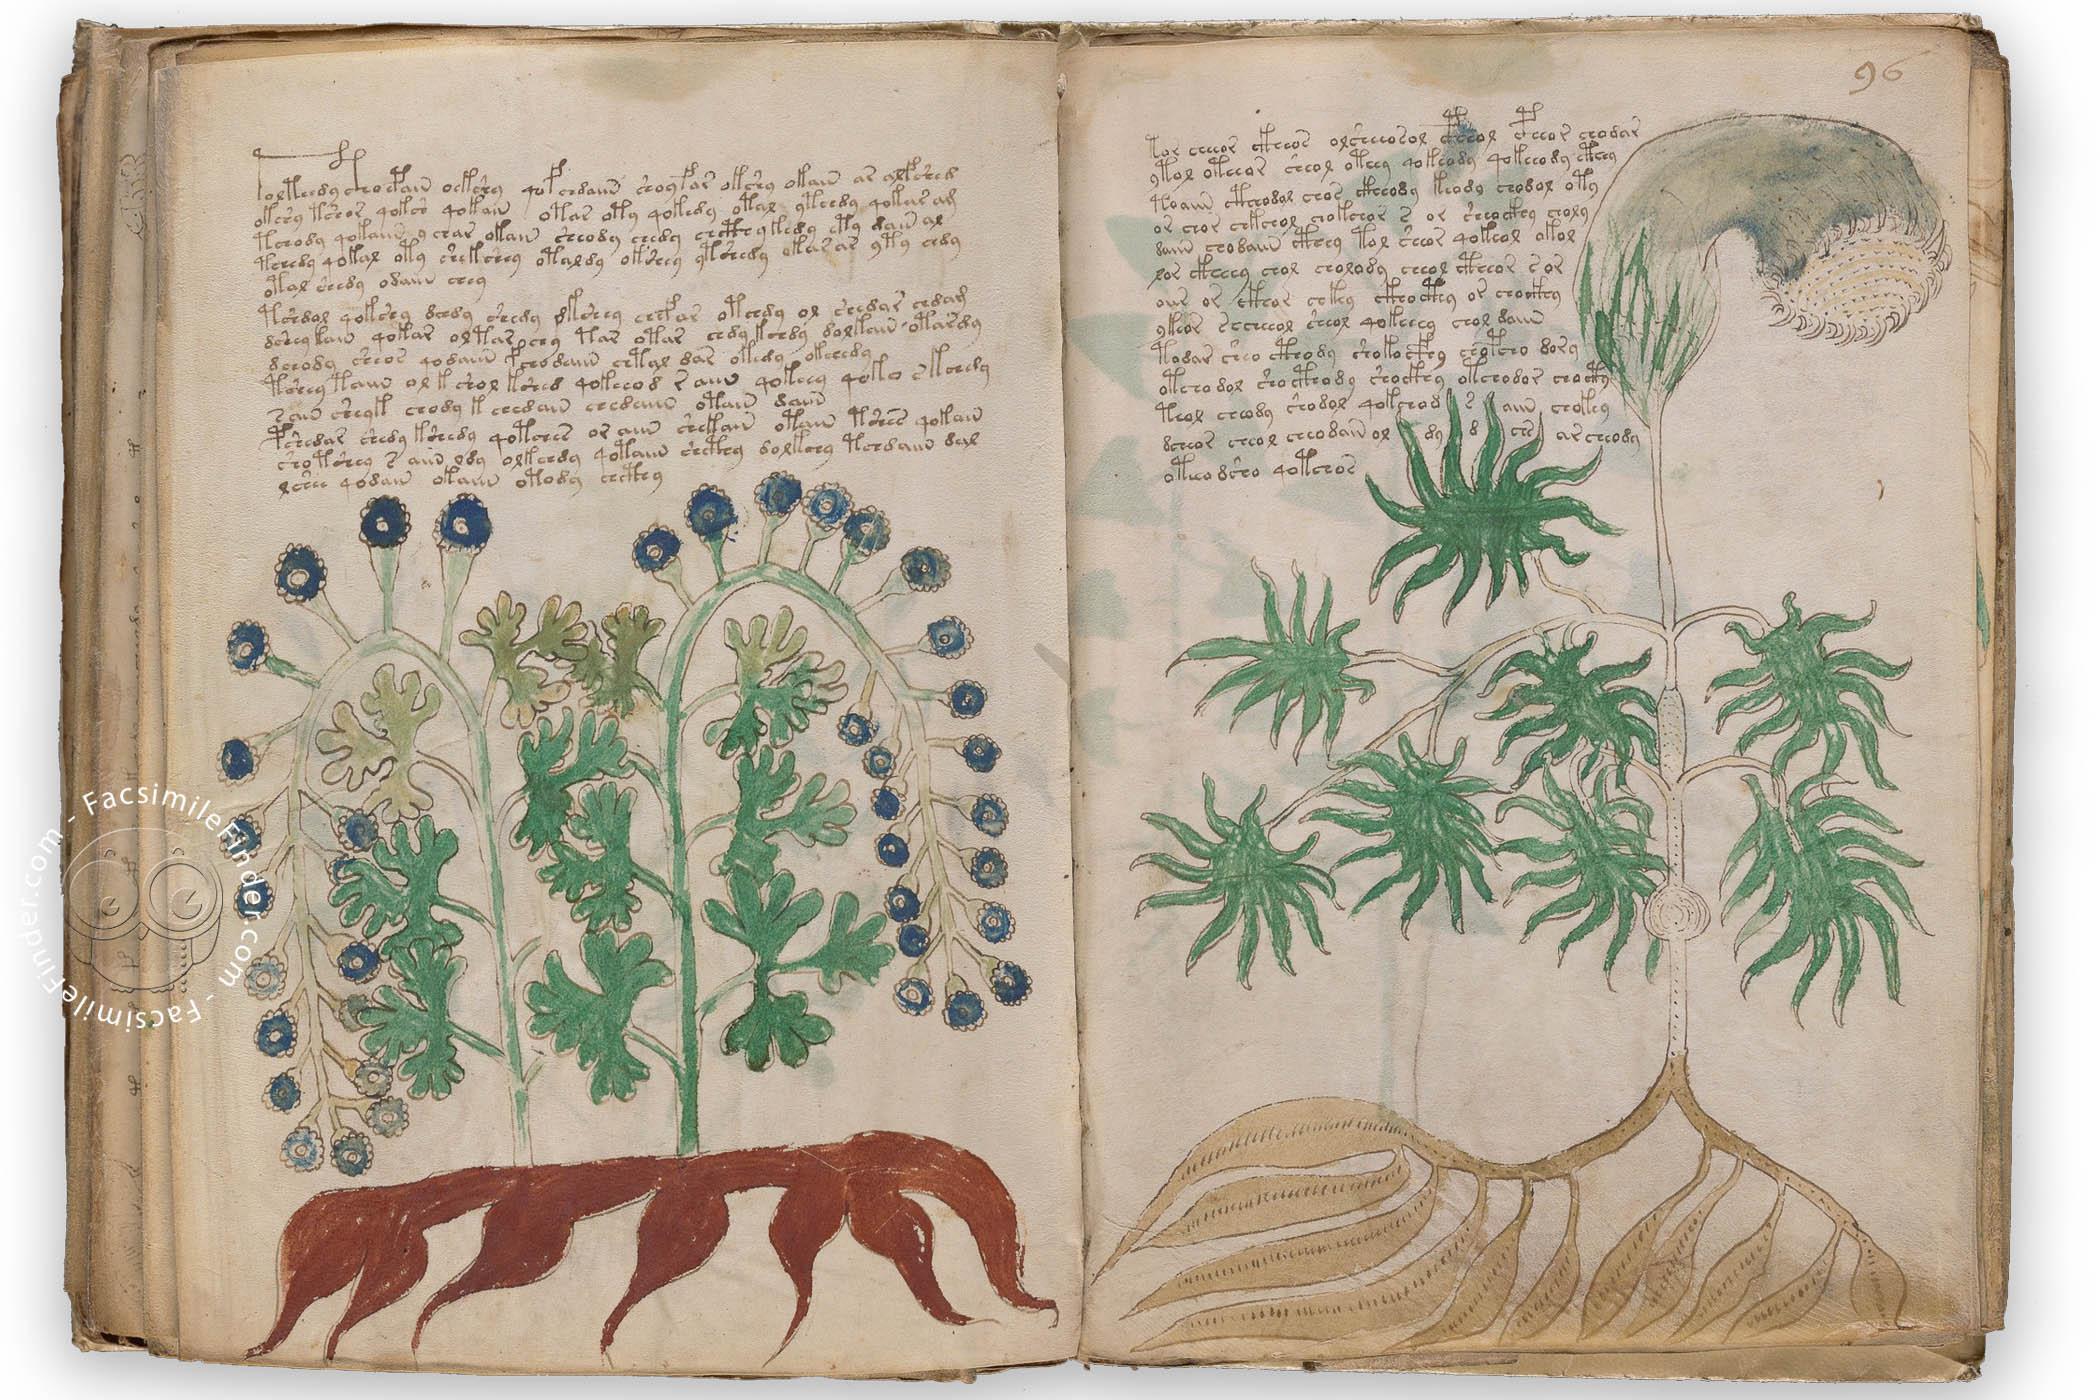 The manuscript of Voynich